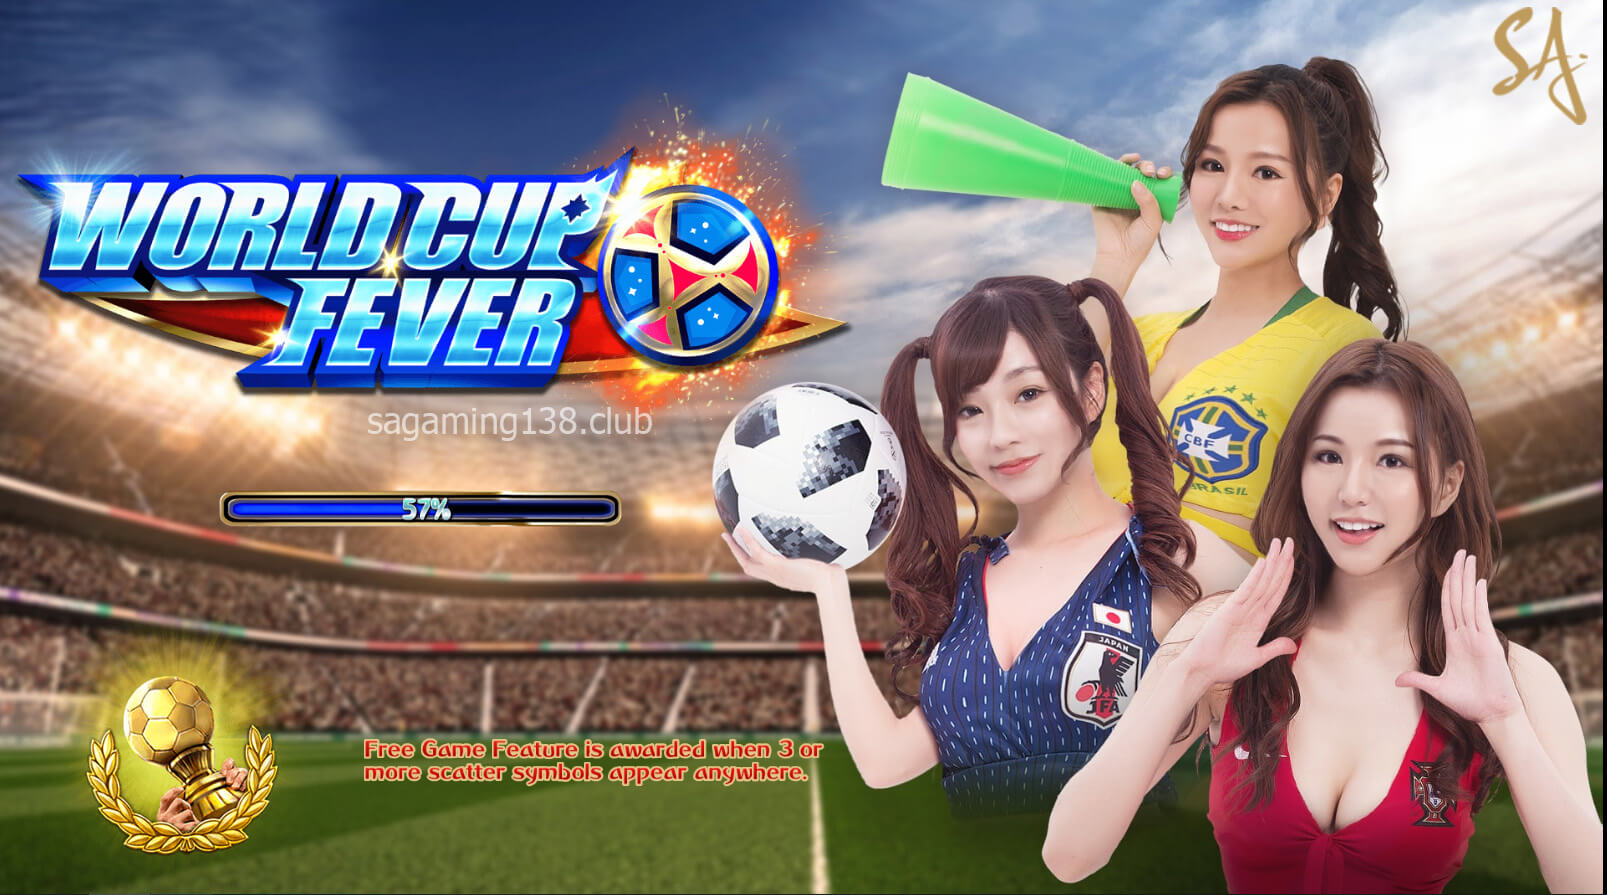 World Cup Fever เกมสล็อตออนไลน์ 9 SA Gaming คาสิโนออนไลน์ที่ดีที่สุด